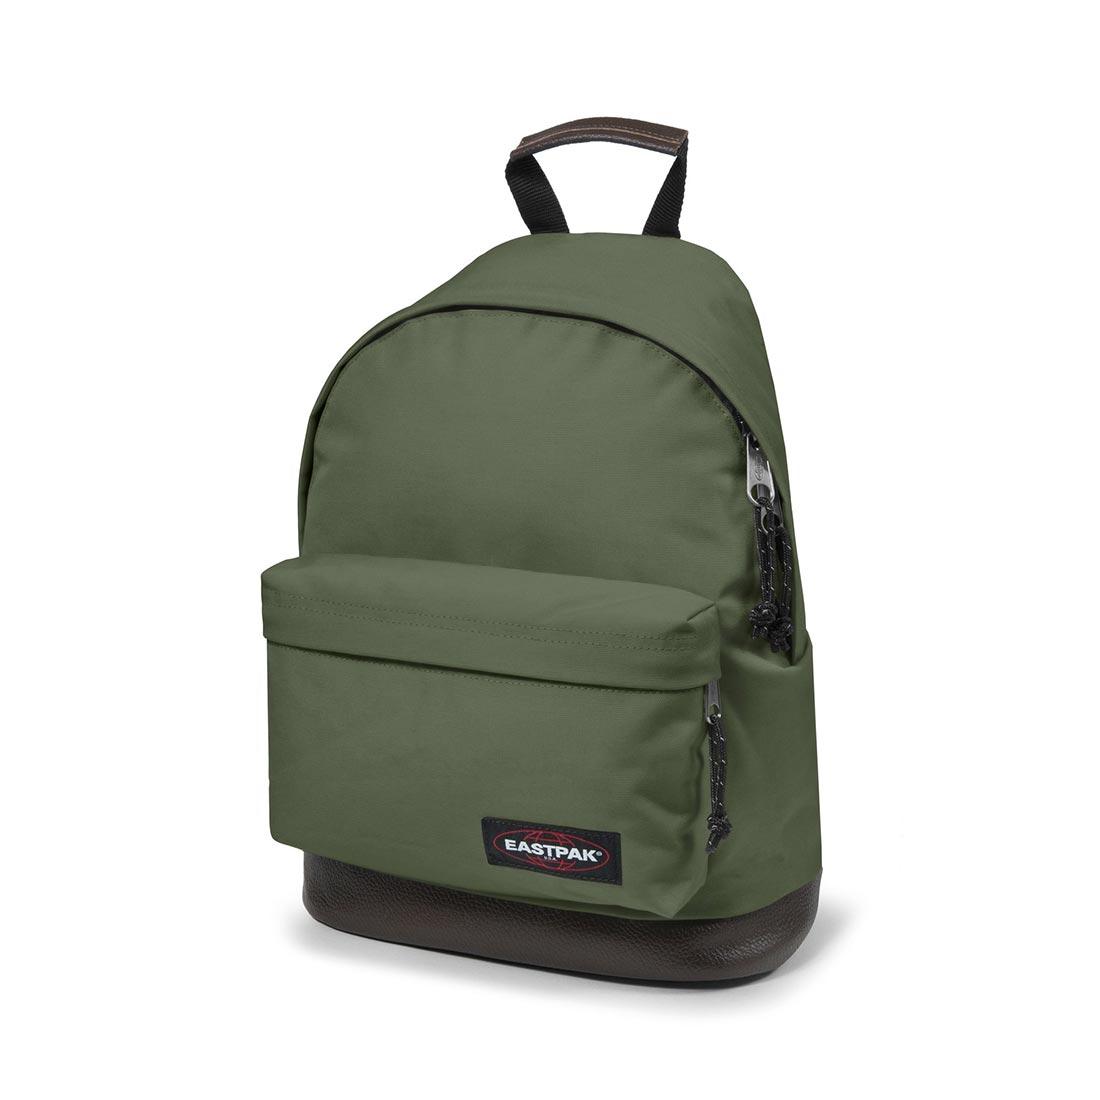 Eastpak Wyoming Backpack - Current Khaki